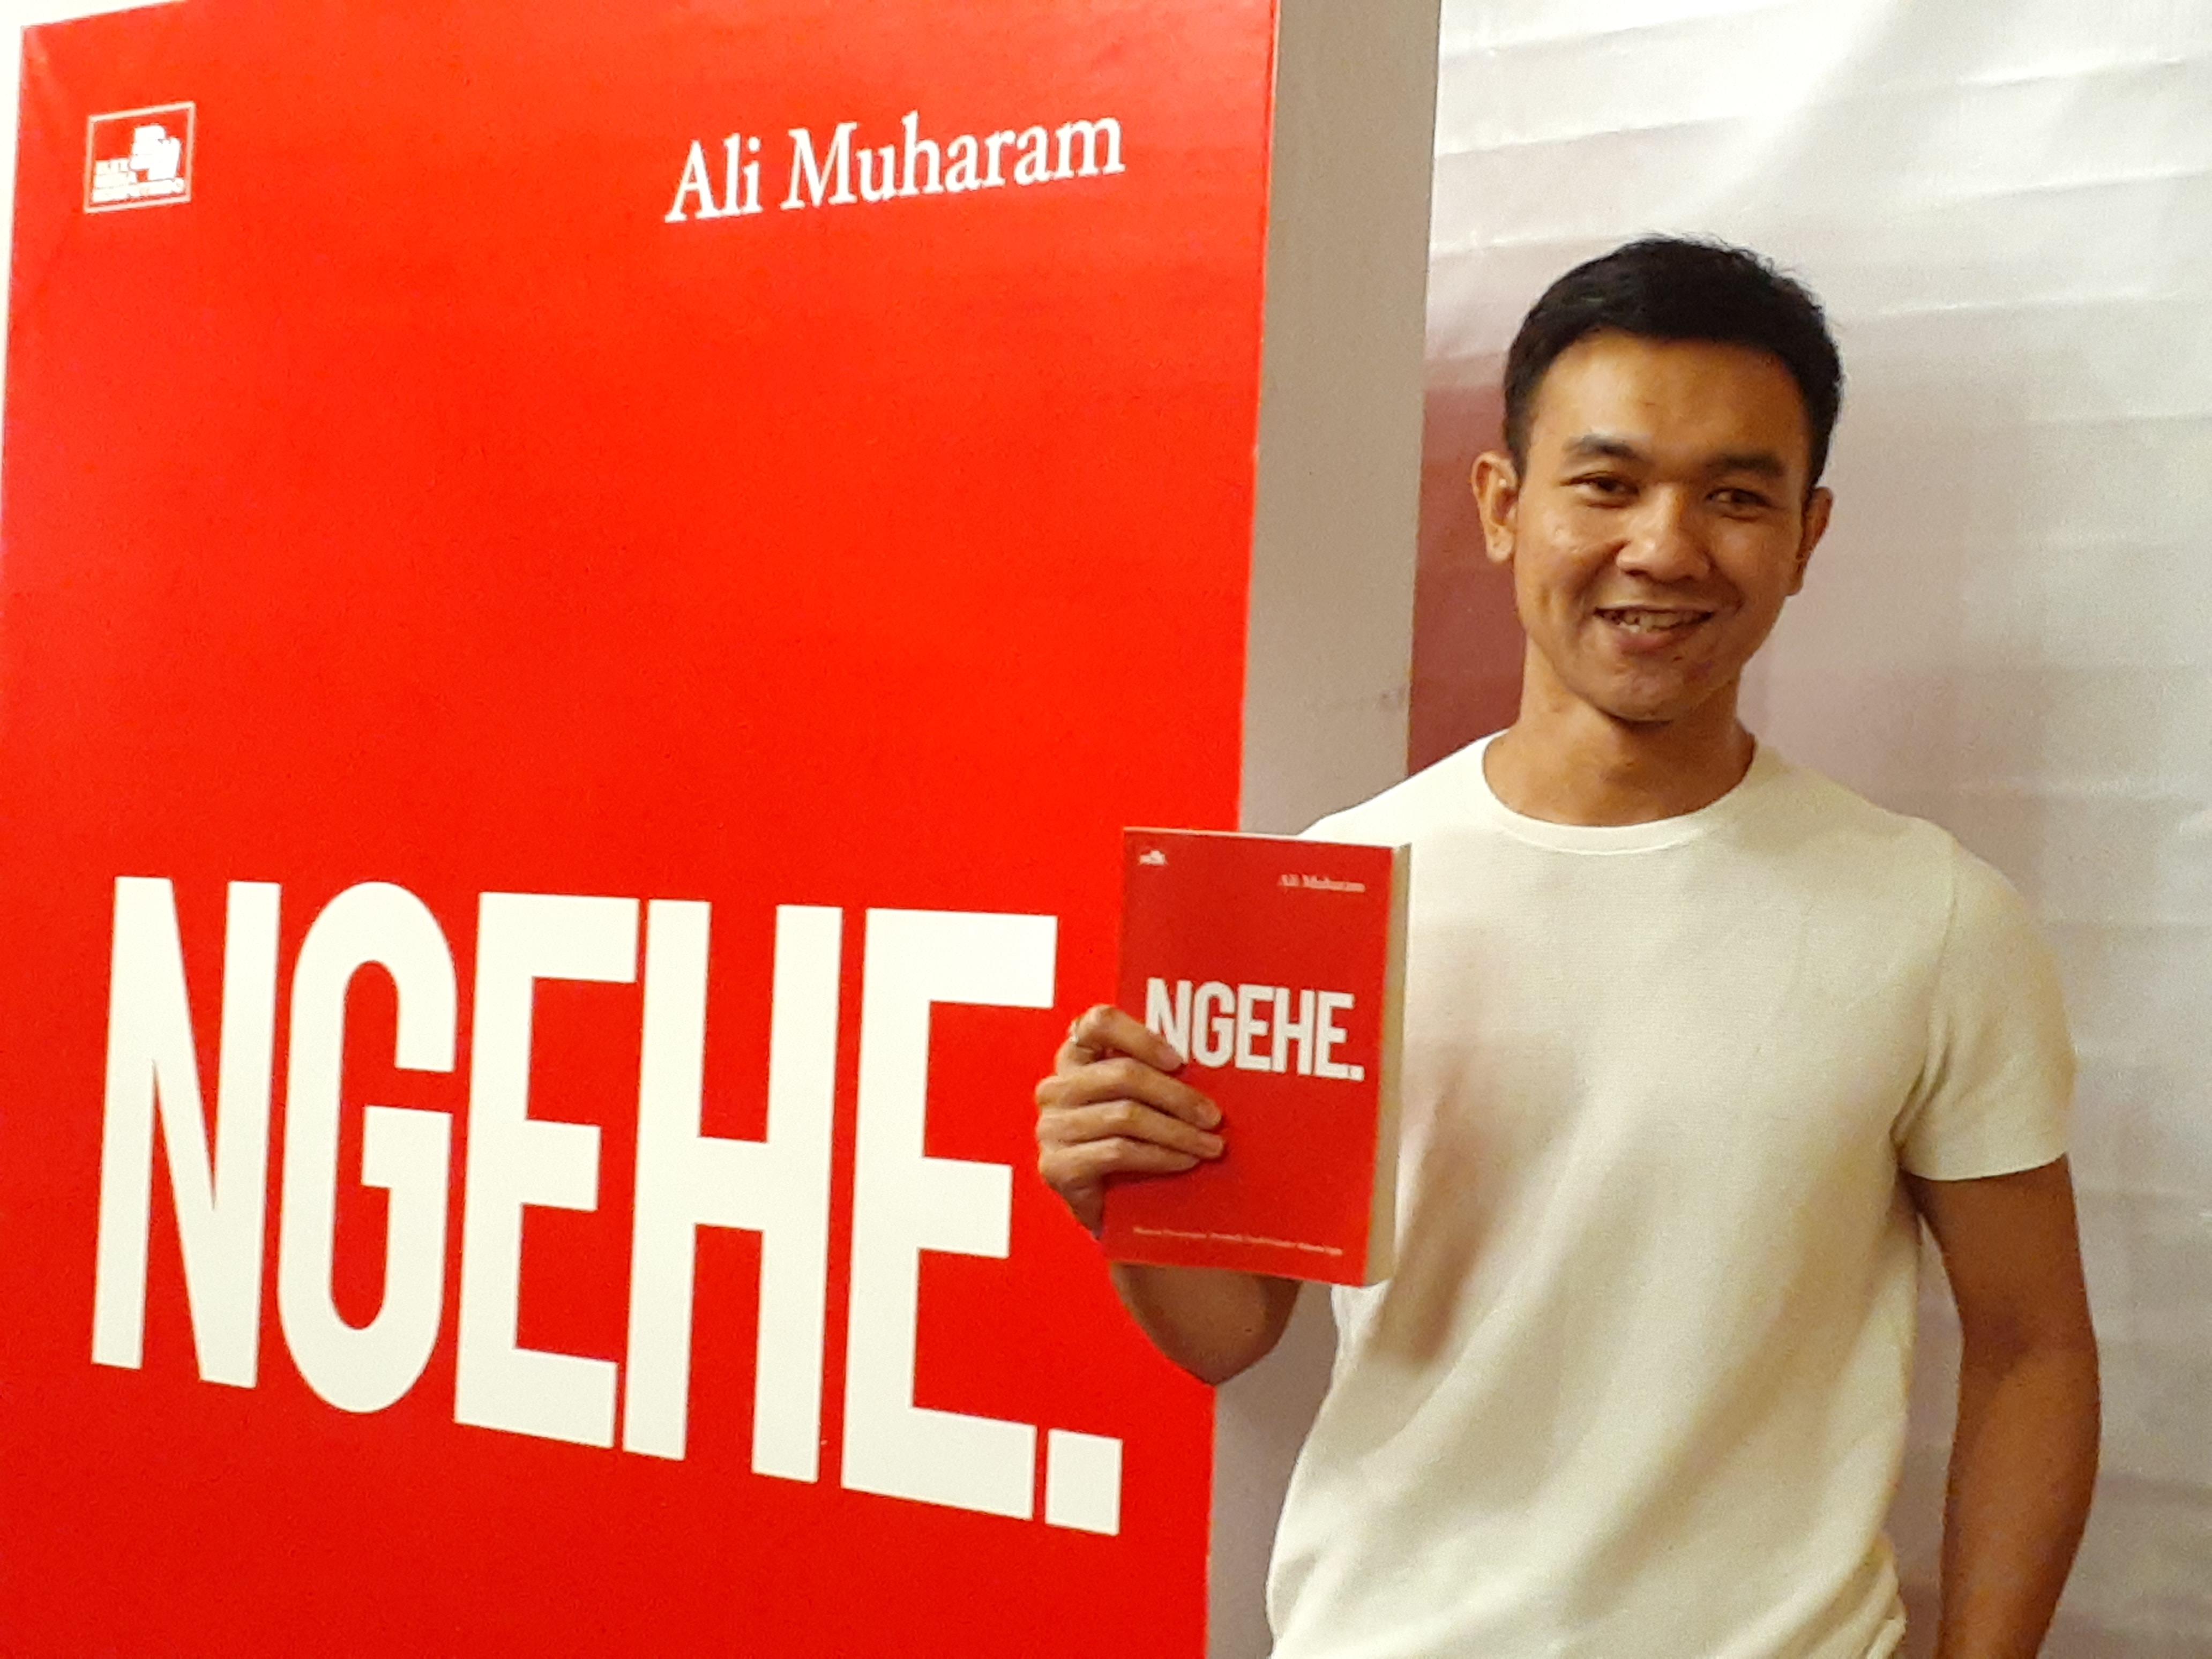 Kesuksesan Merintis Makaroni Ngehe, Dituangkan Ali Muharam ke Dalam Buku |  | EL JOHN News